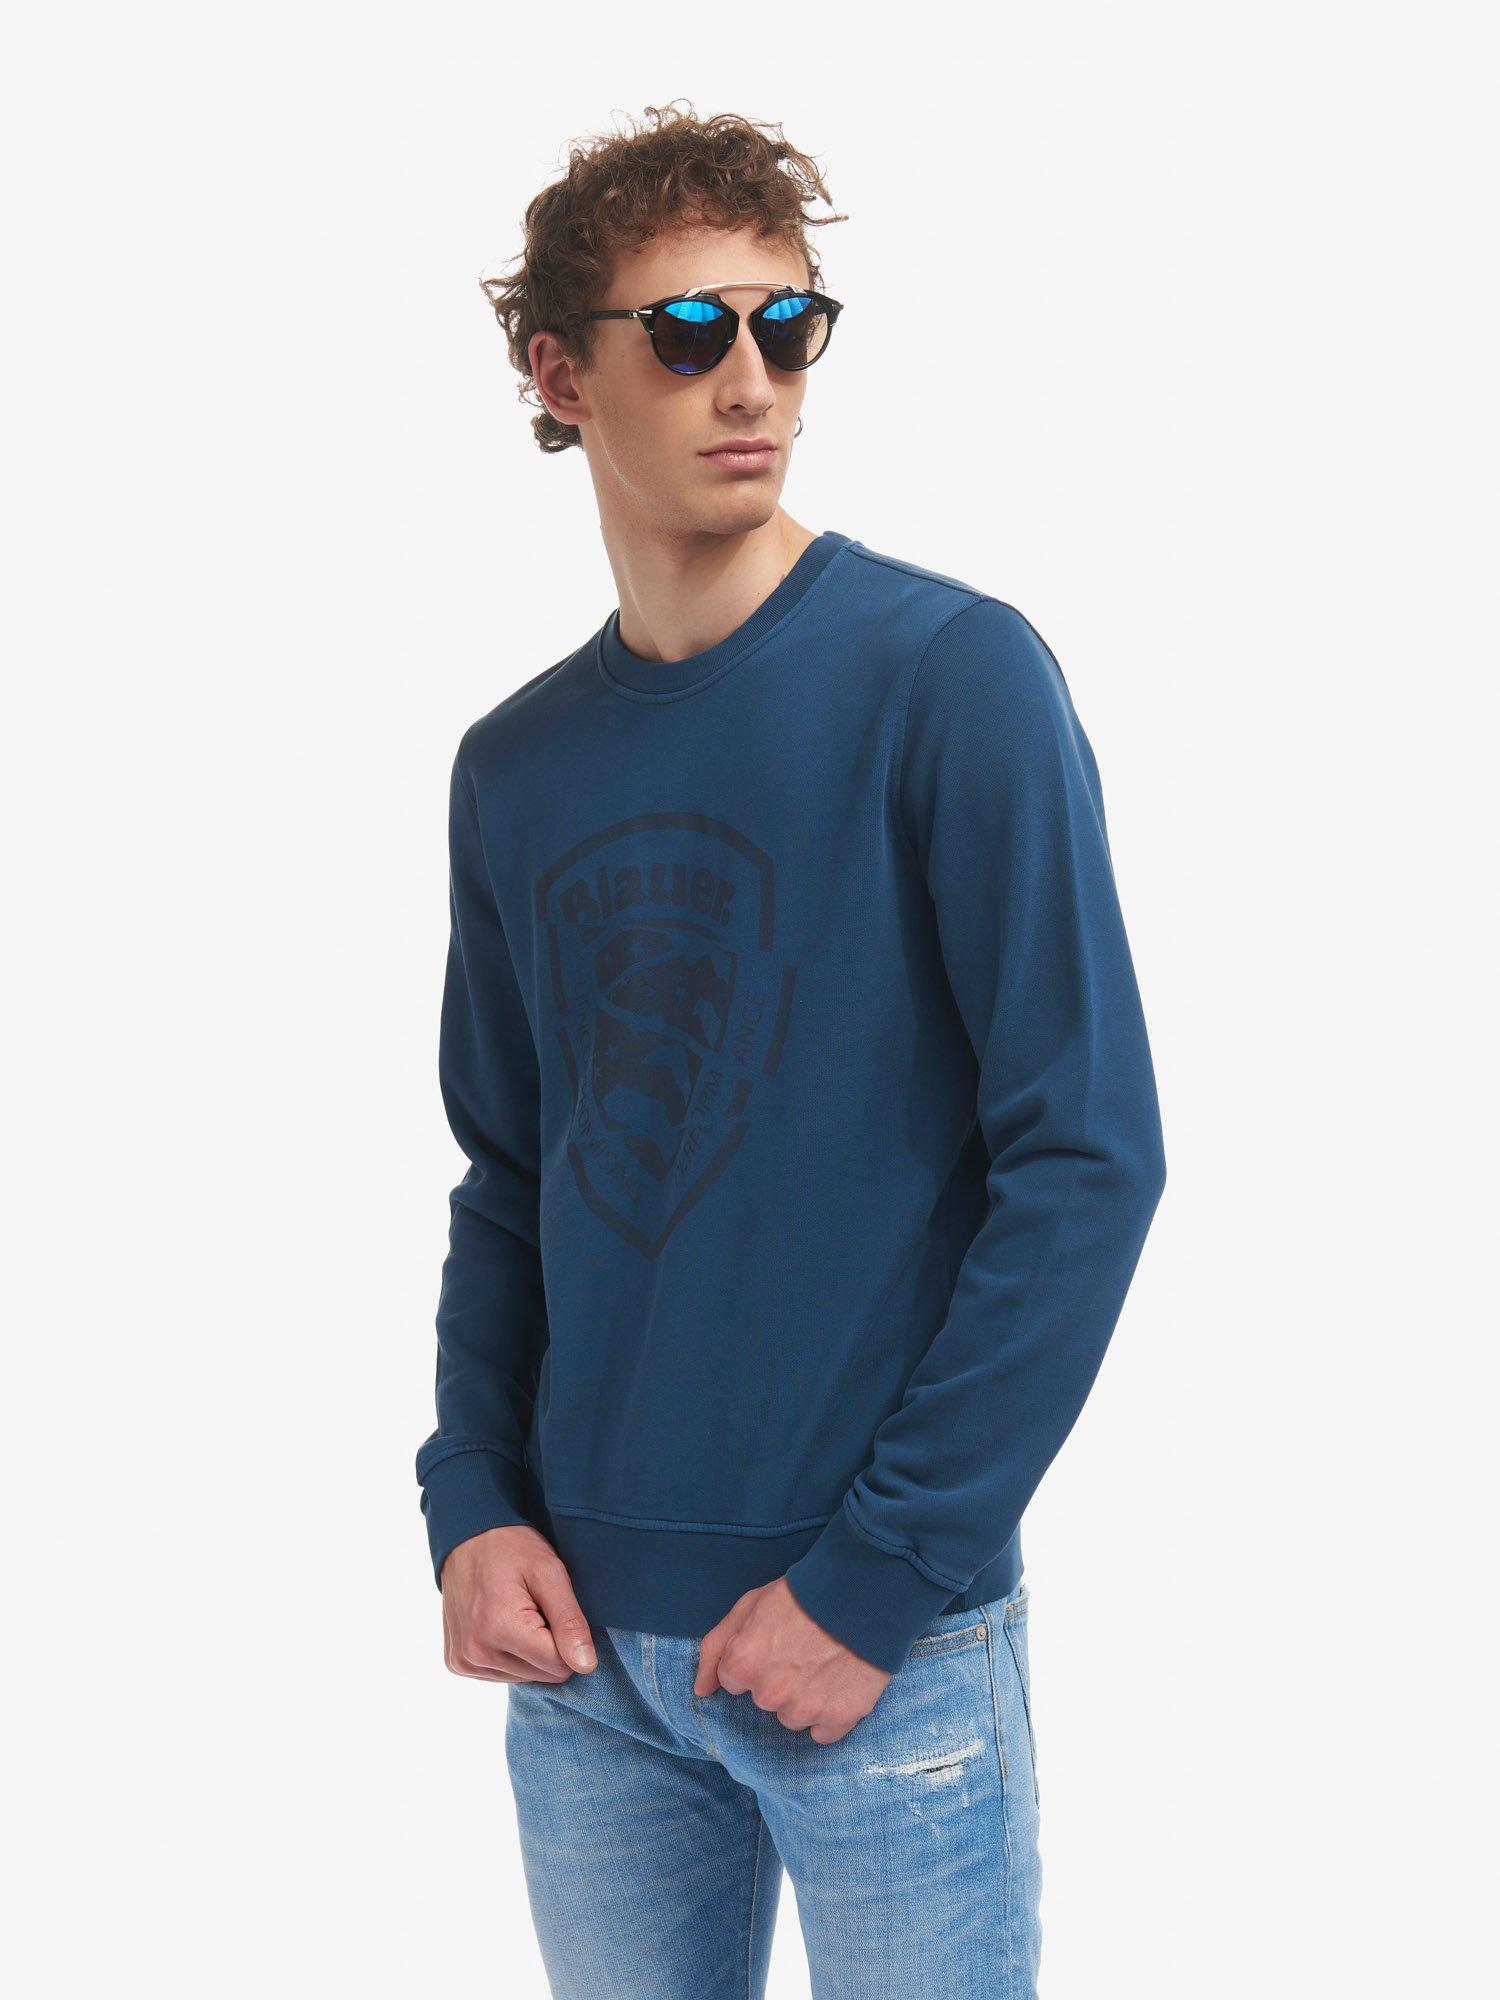 Blauer - BLAUER RUNDHALS-SWEATSHIRT AUS BAUMWOLLE - Dark Sapphire - Blauer